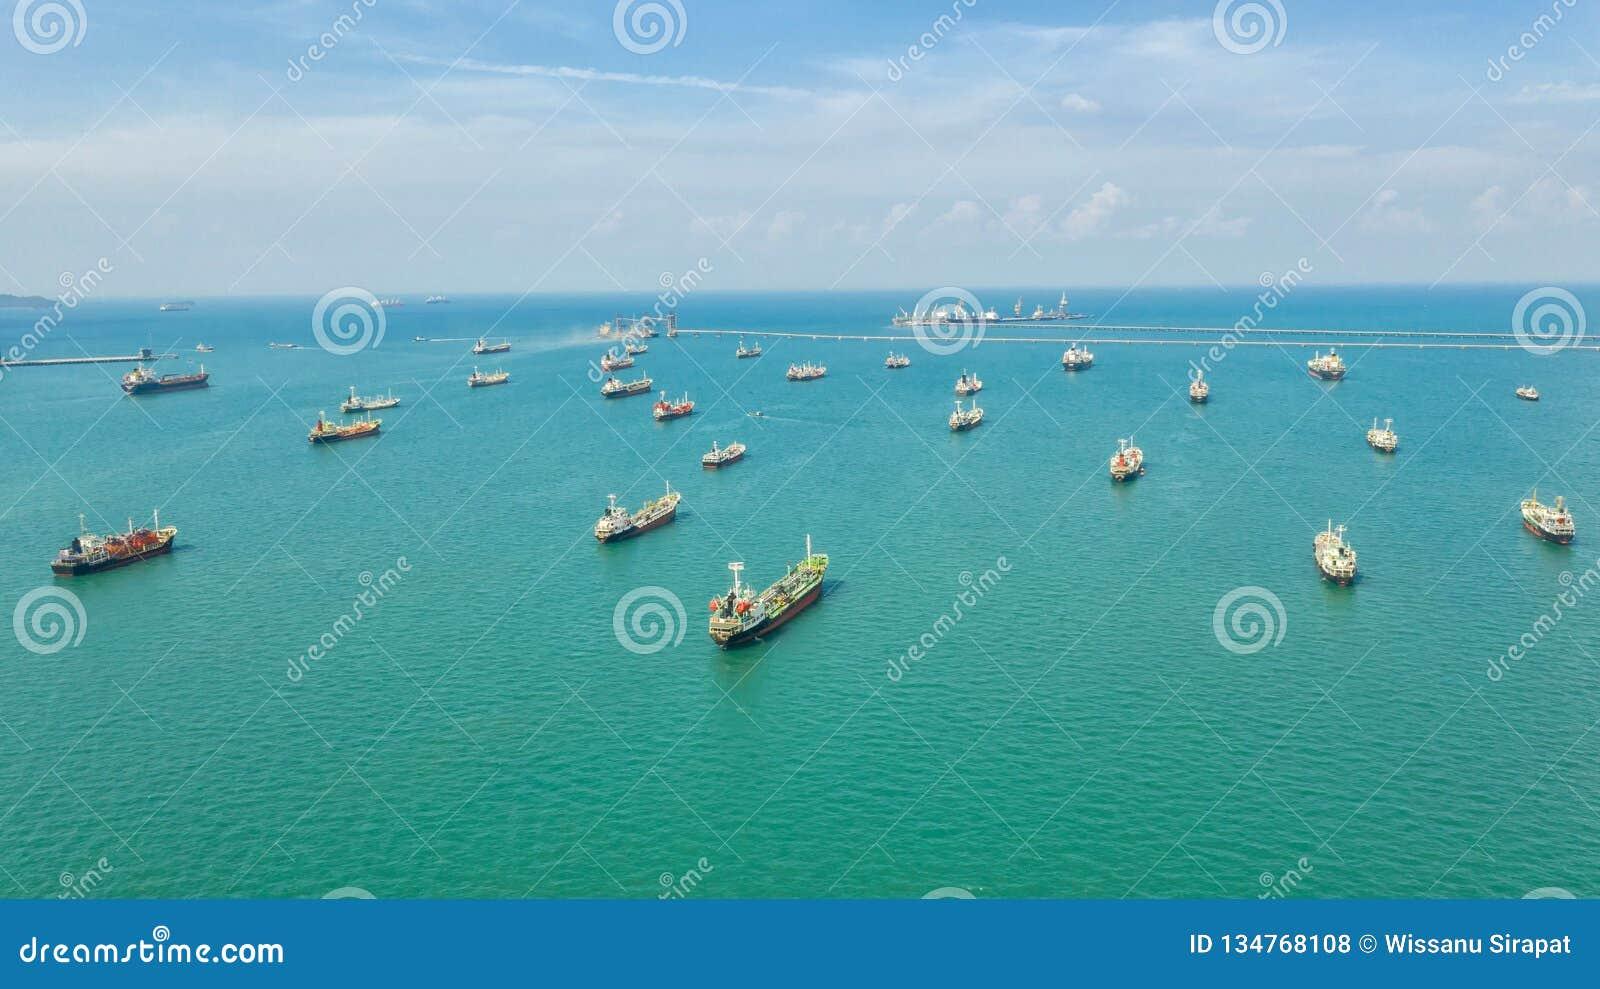 Öltanker, Gastanker im Hohen See Raffinerie-IndustrieFrachtschiff, Vogelperspektive, Thailand, im Import-export, LPG, Erdölraffin